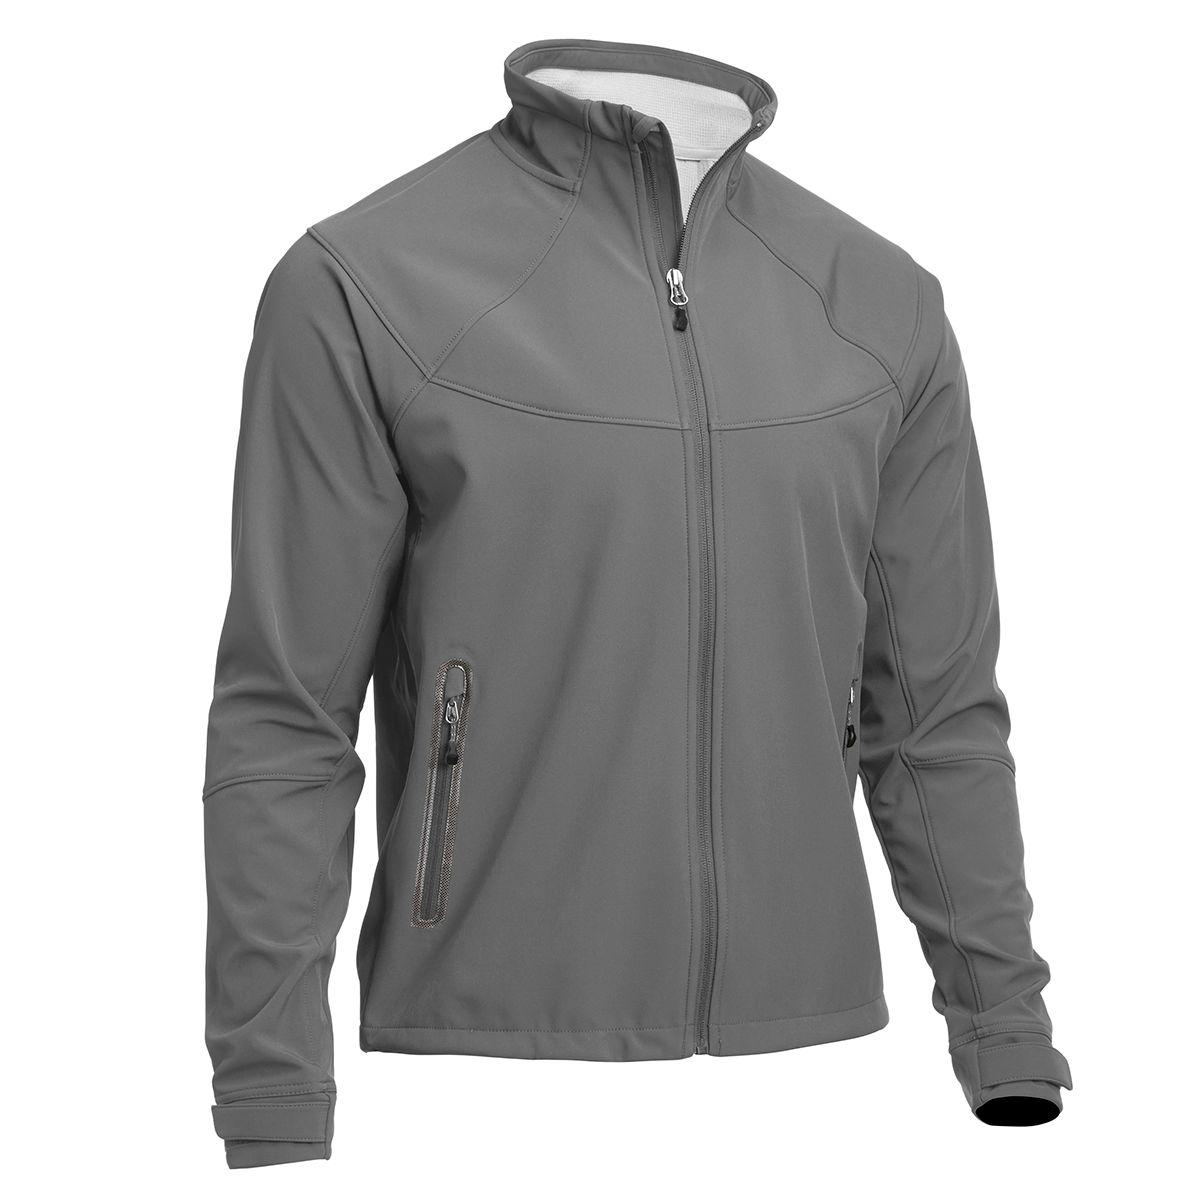 EMS Acadia Jacket